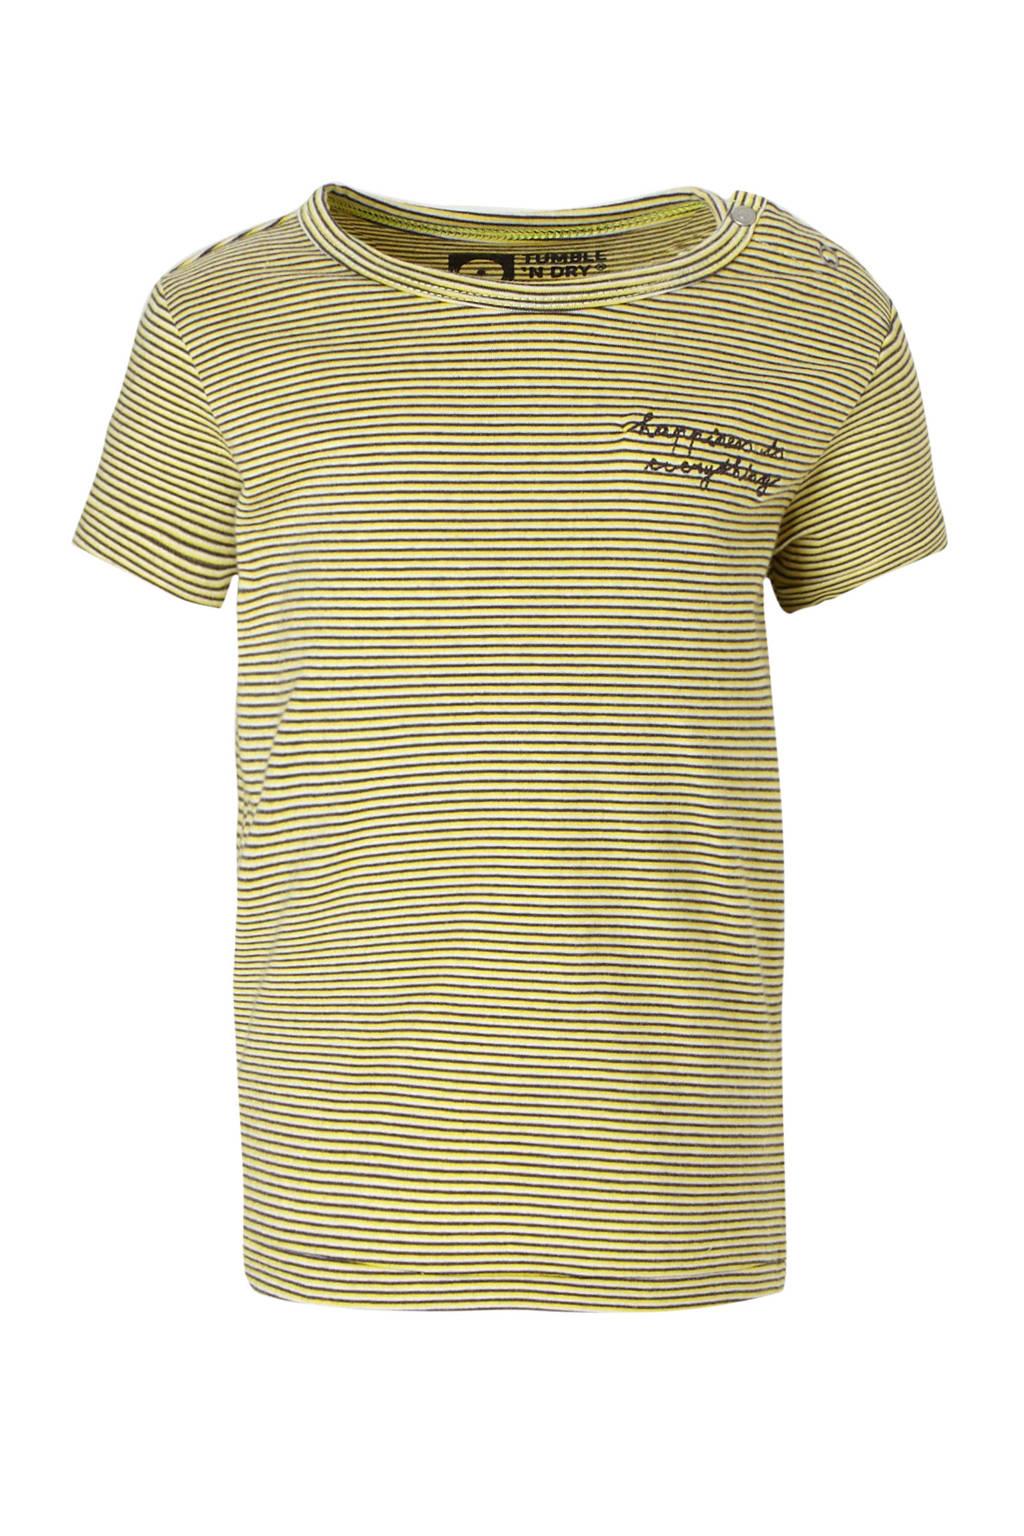 Tumble 'n Dry Lo gestreept T-shirt met tekst geel/grijs, Geel/grijs